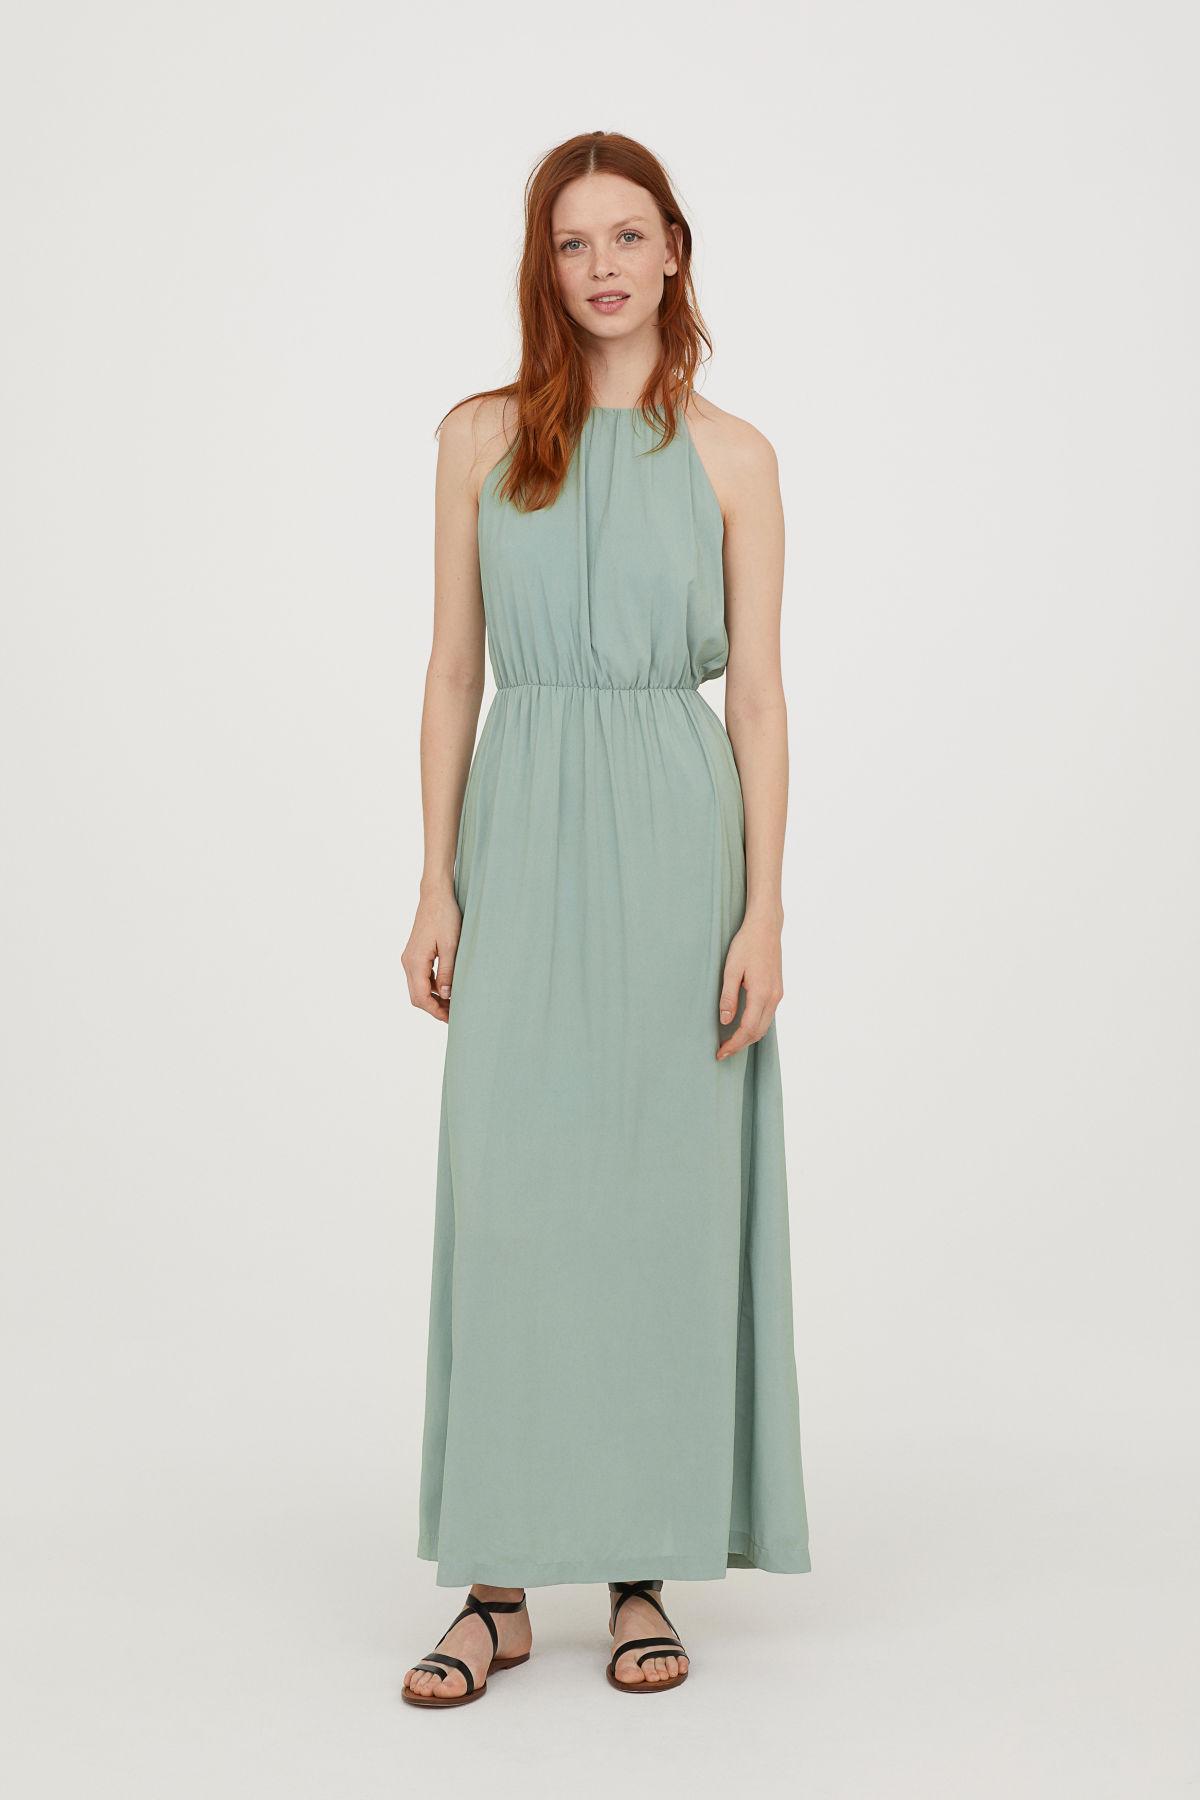 H&M Summer Dresses Under $50: Slips, Maxi Dresses, Off-the-Shoulder